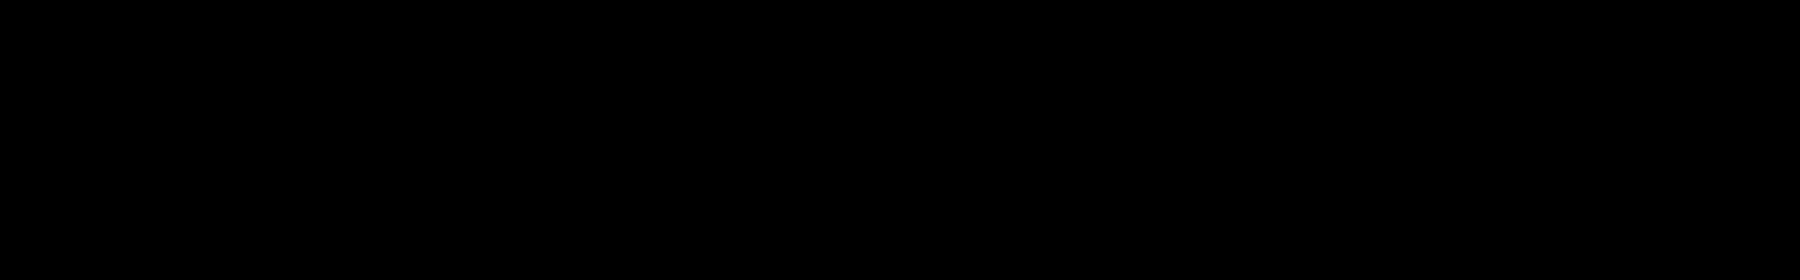 Slatt audio waveform